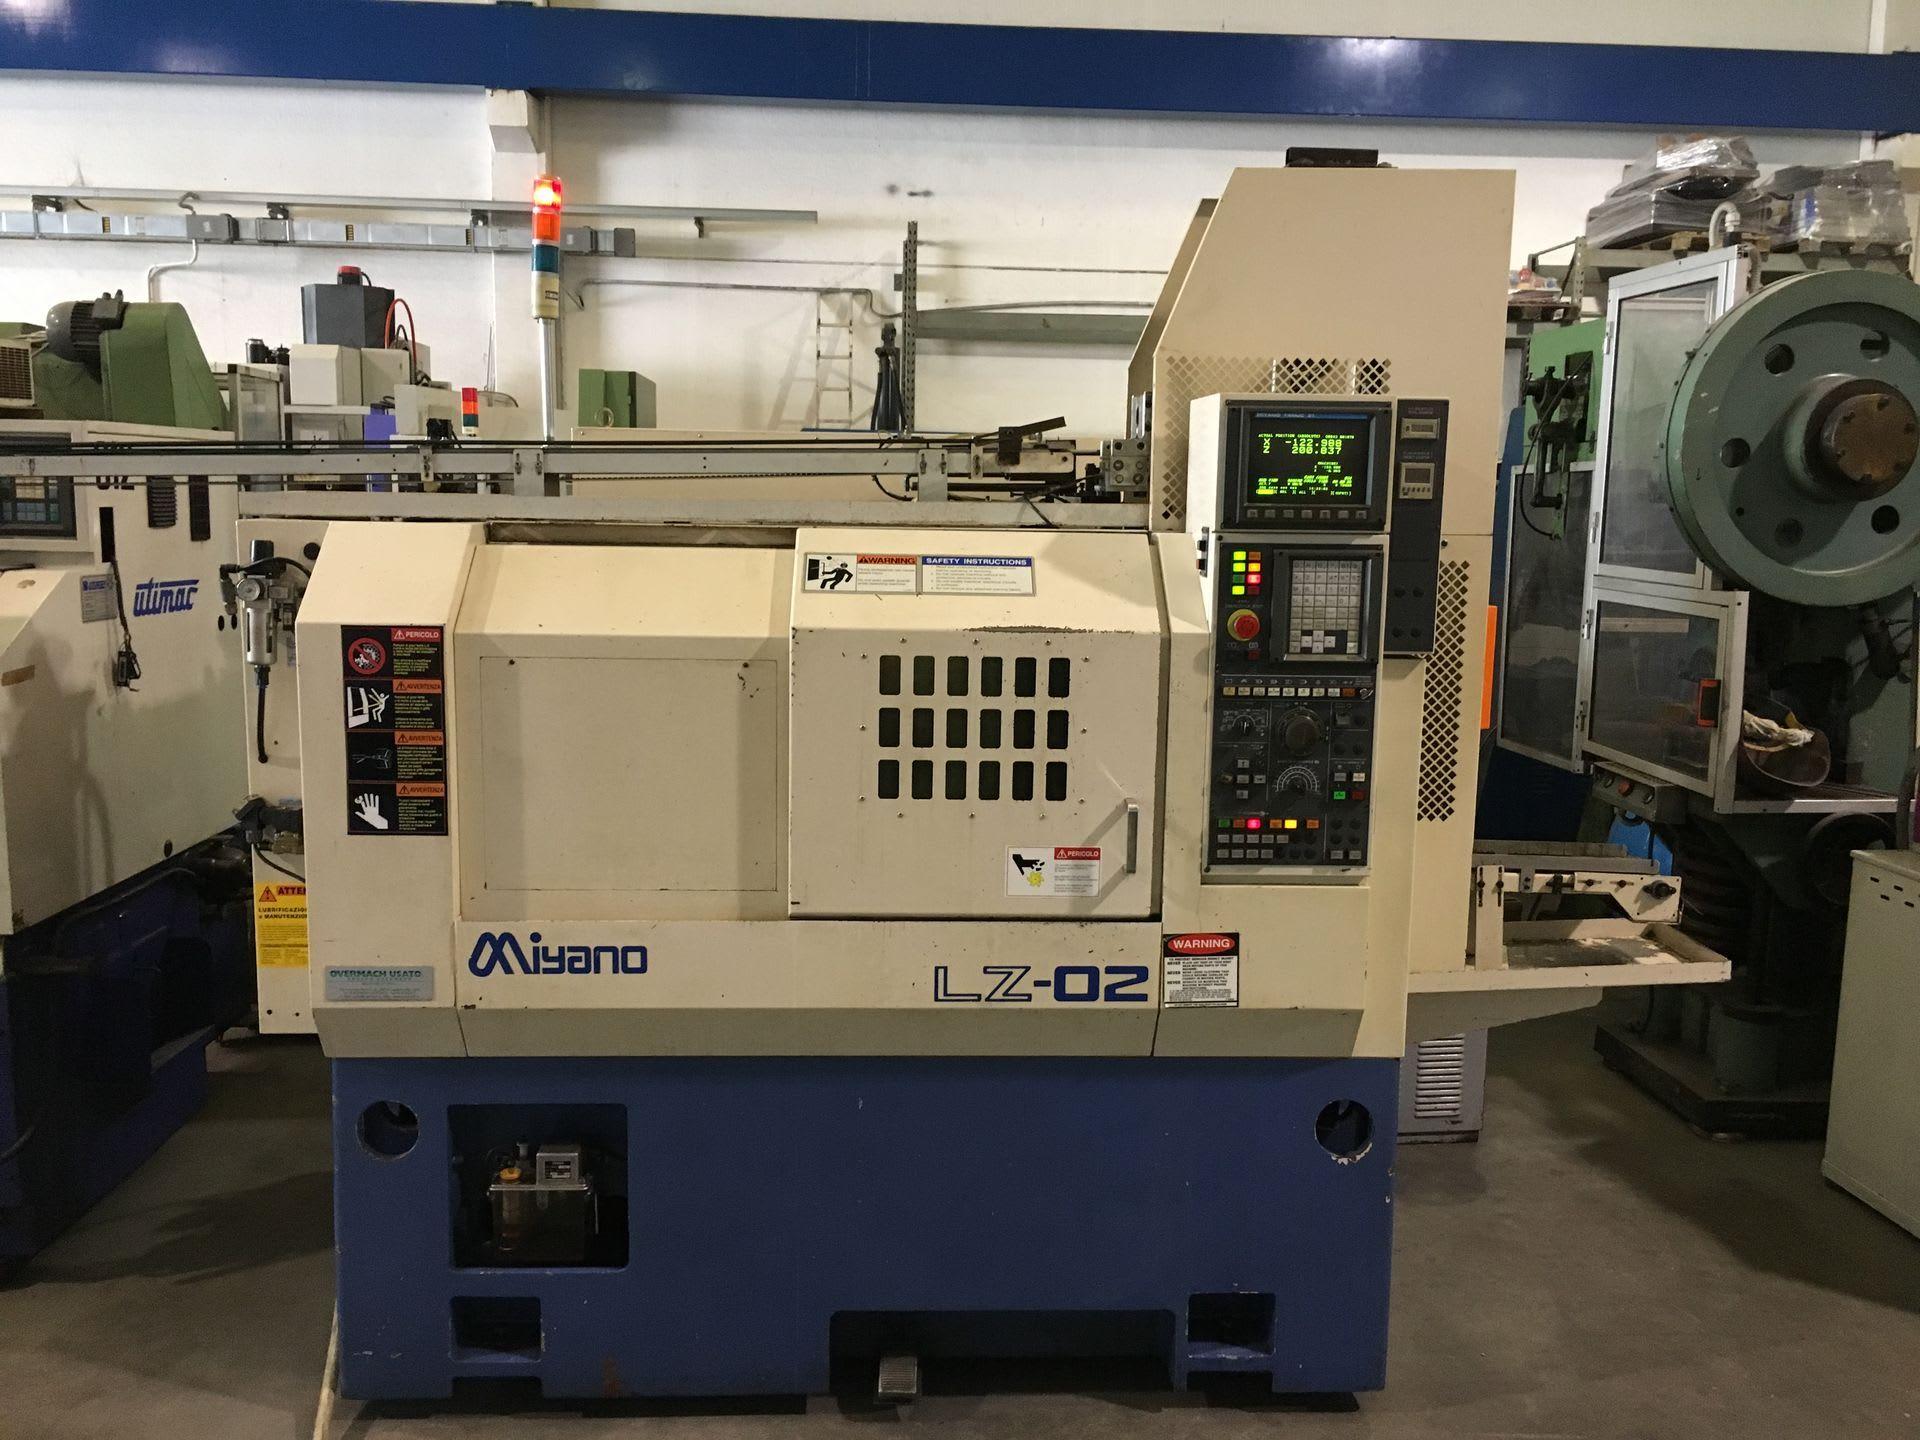 MIYANO LZ-02 CNC Drehmaschine